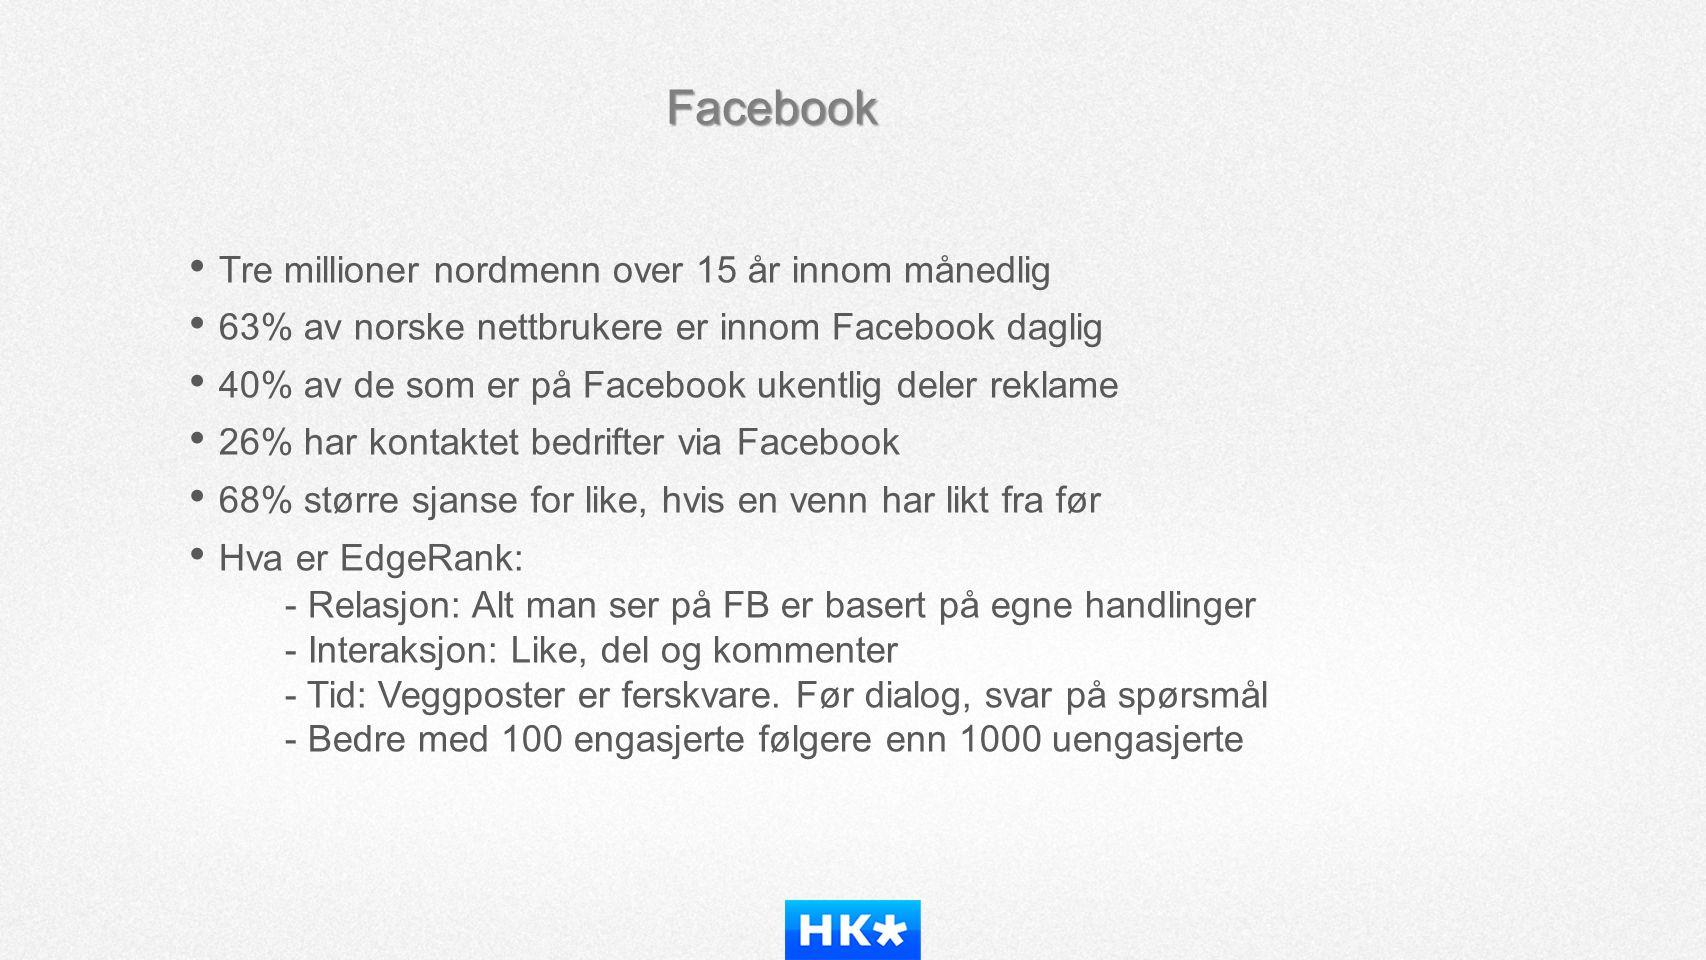 Facebook • Tre millioner nordmenn over 15 år innom månedlig • 63% av norske nettbrukere er innom Facebook daglig • 40% av de som er på Facebook ukentl